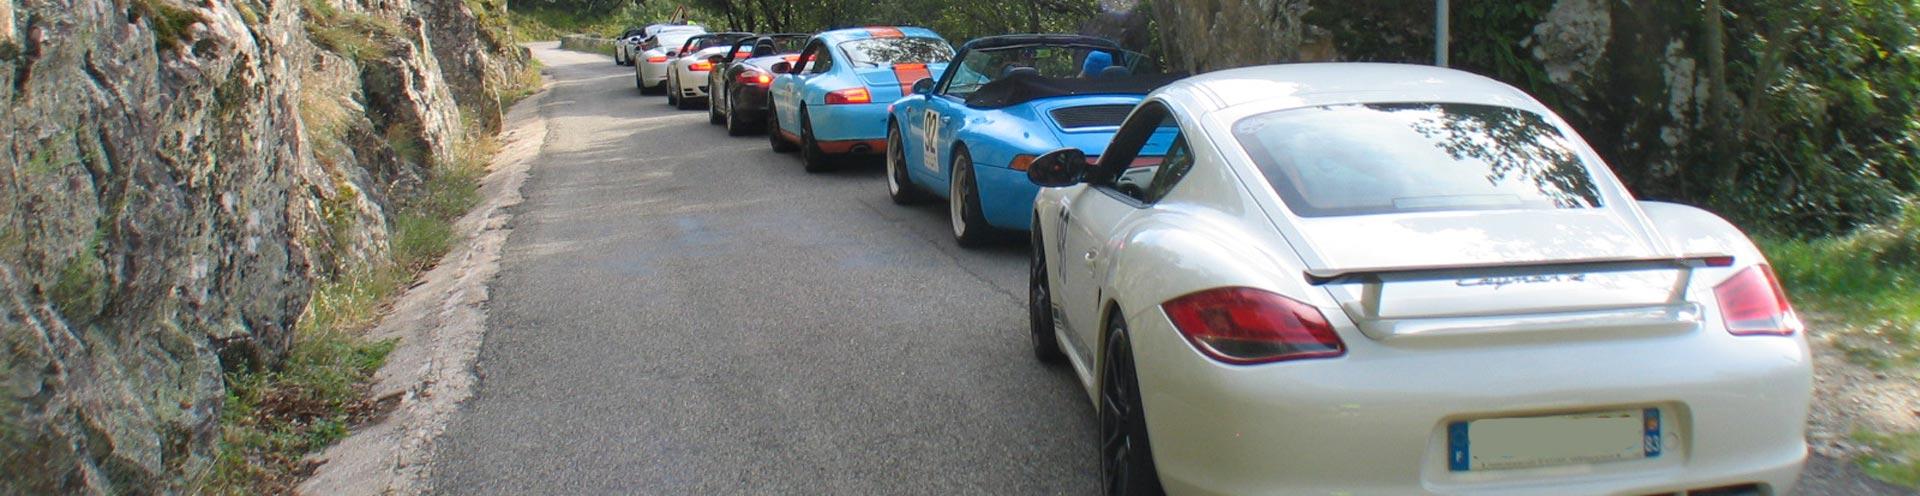 Pourquoi assurer sa Porsche chez un assureur spécialisé ?